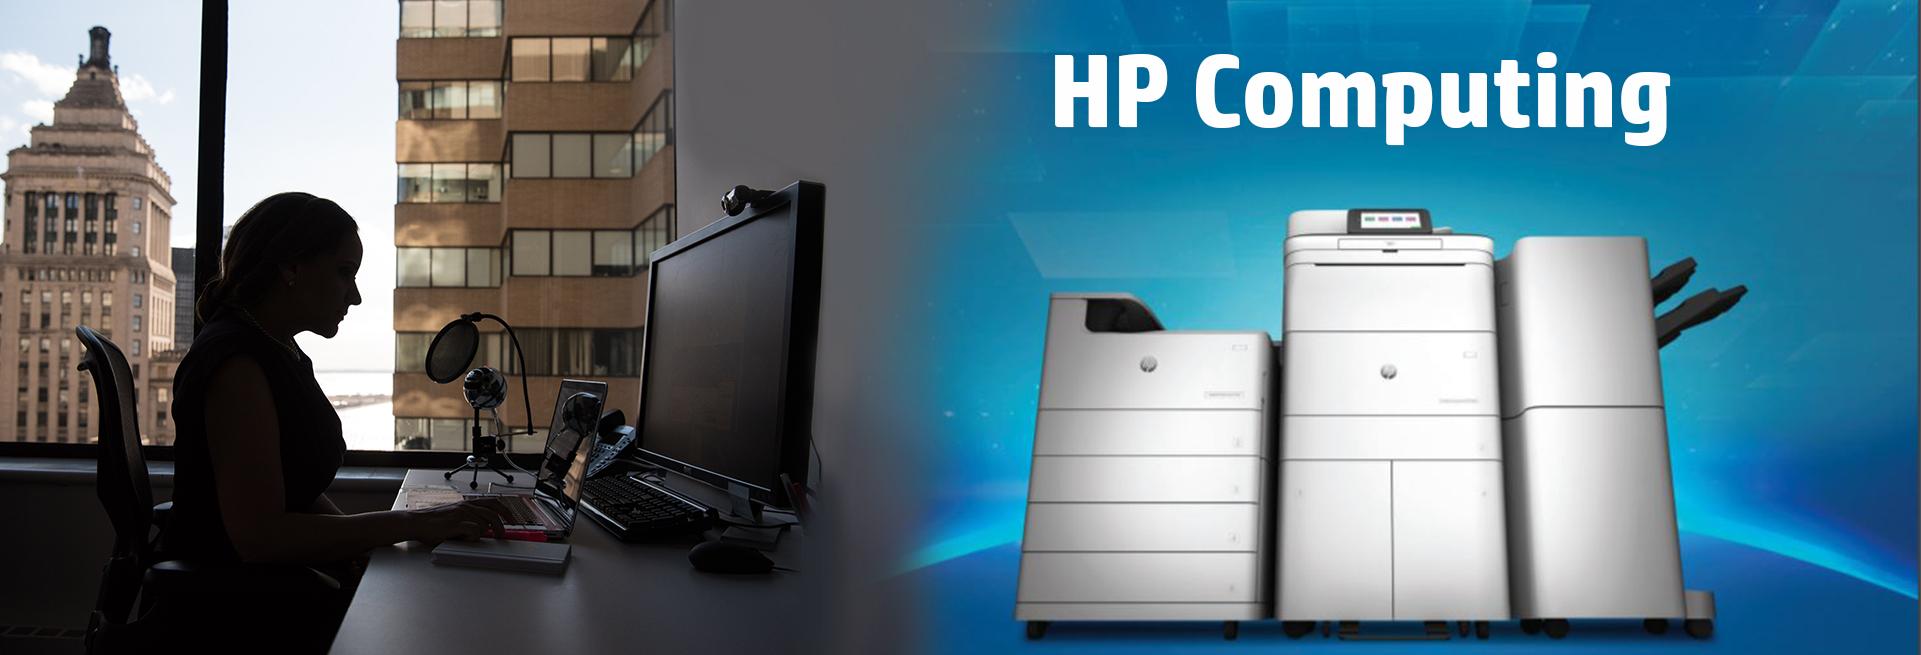 HP Computing